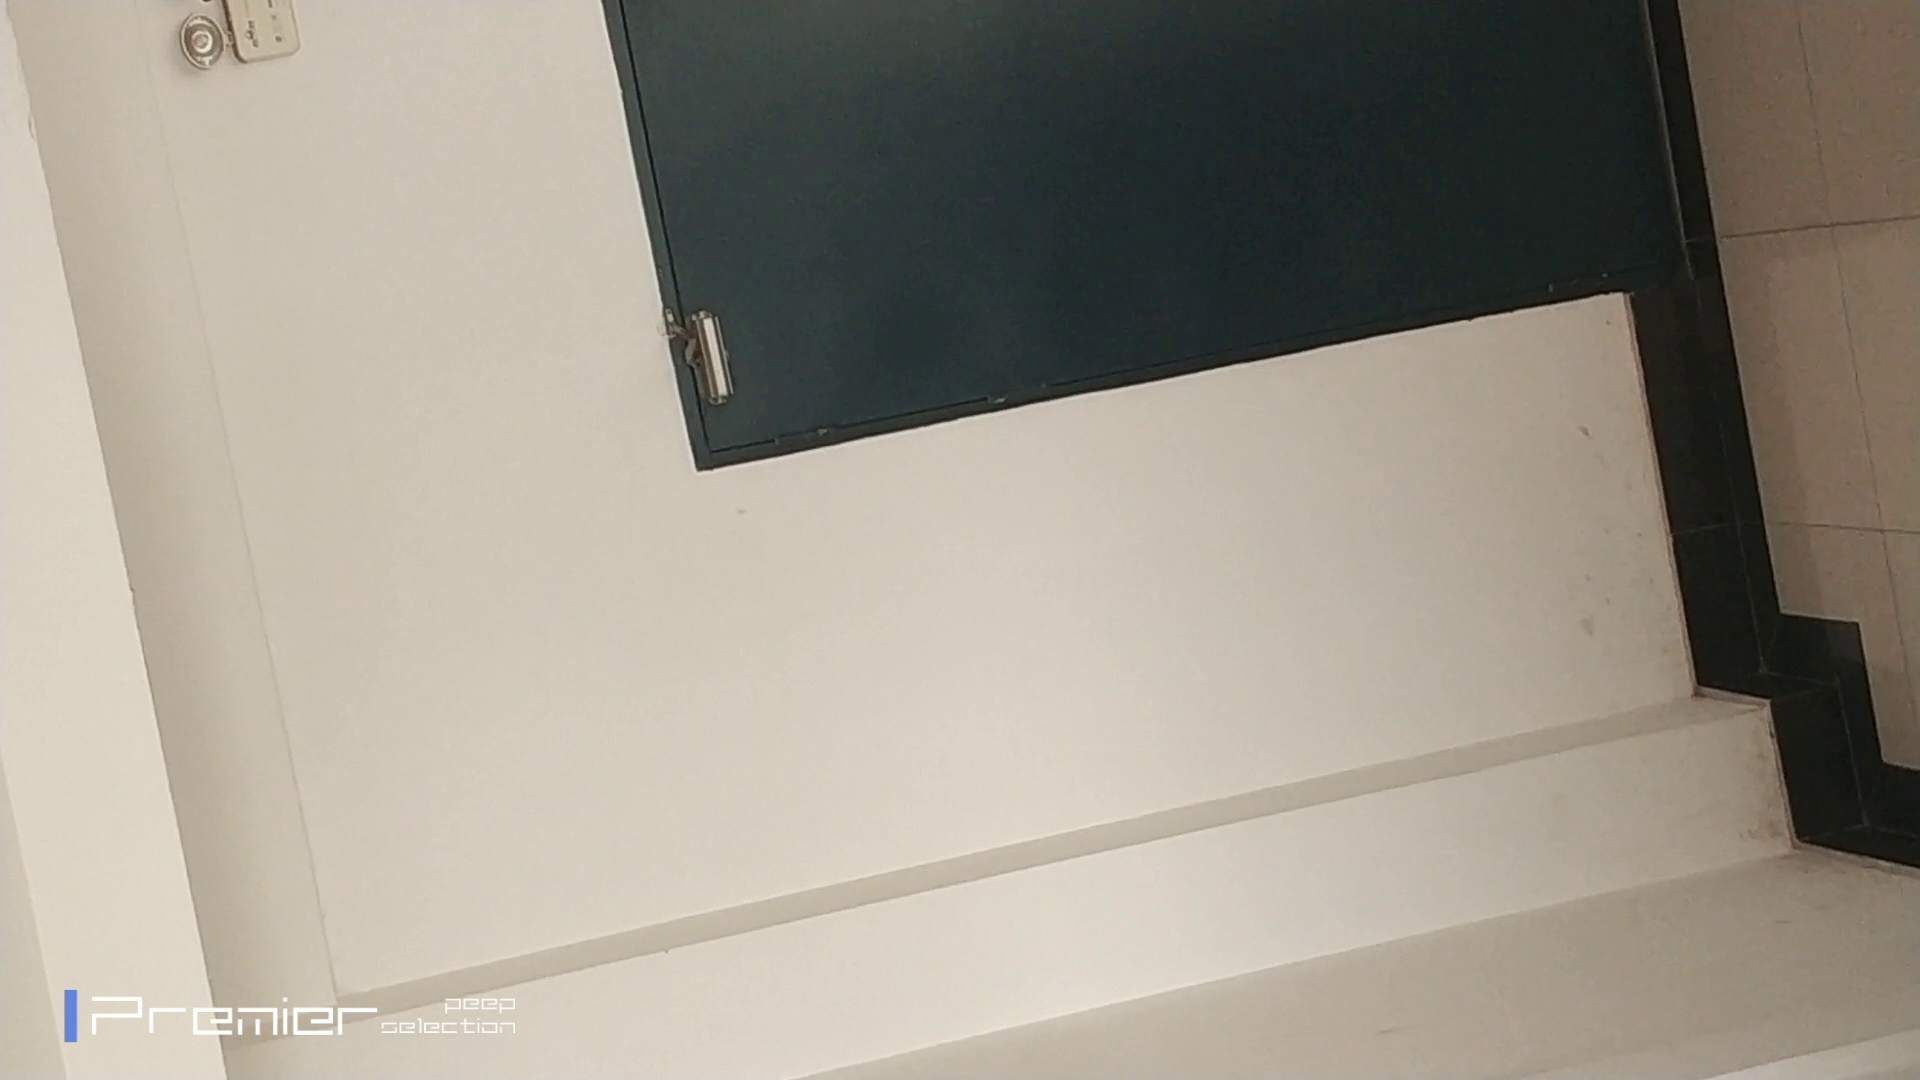 生理用ナプキン交換 大学休憩時間の洗面所事情77 ギャル達 AV無料 86枚 86